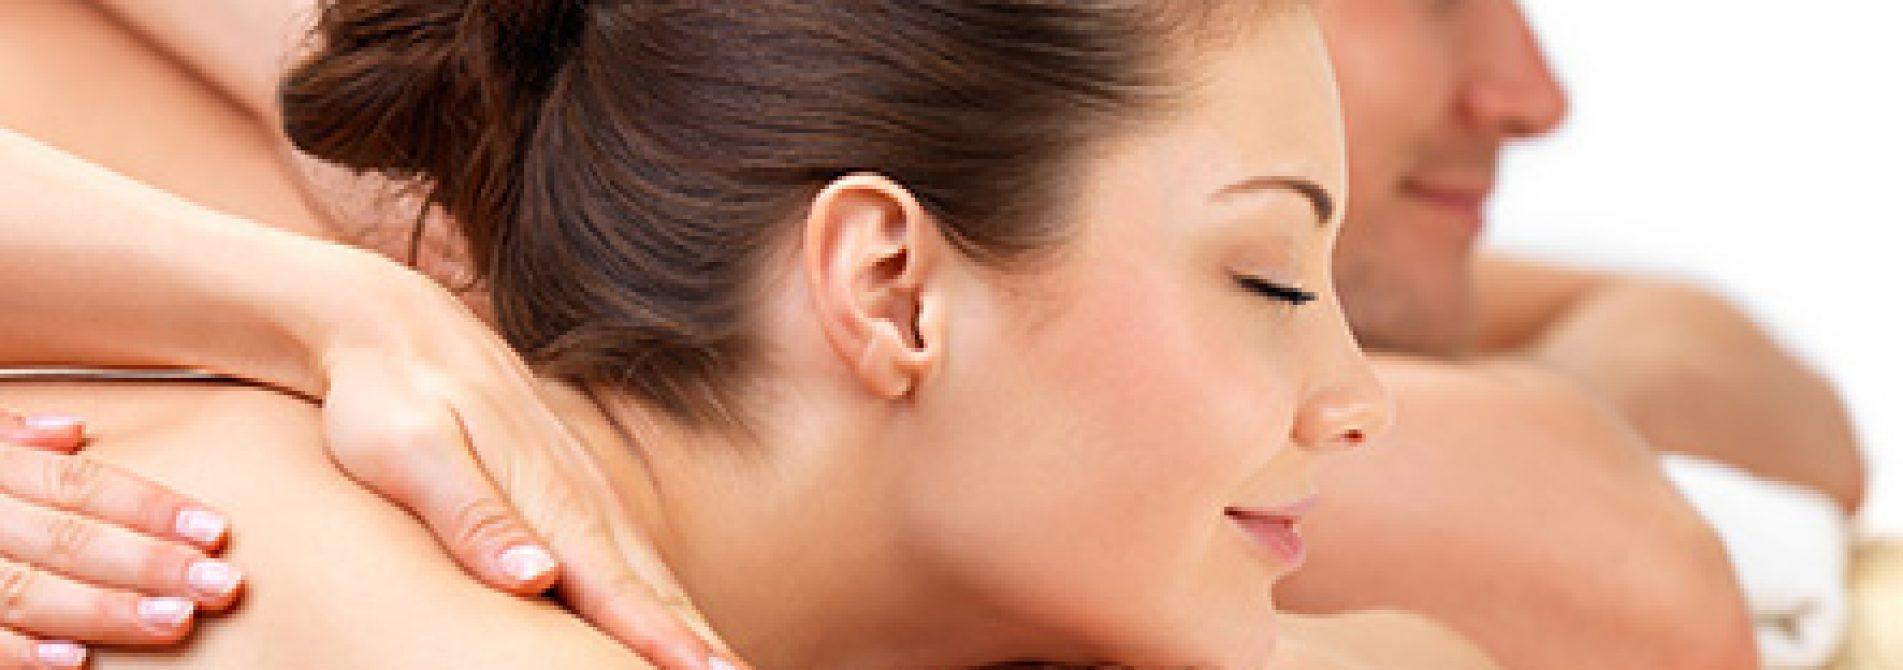 Casal a receber massagem